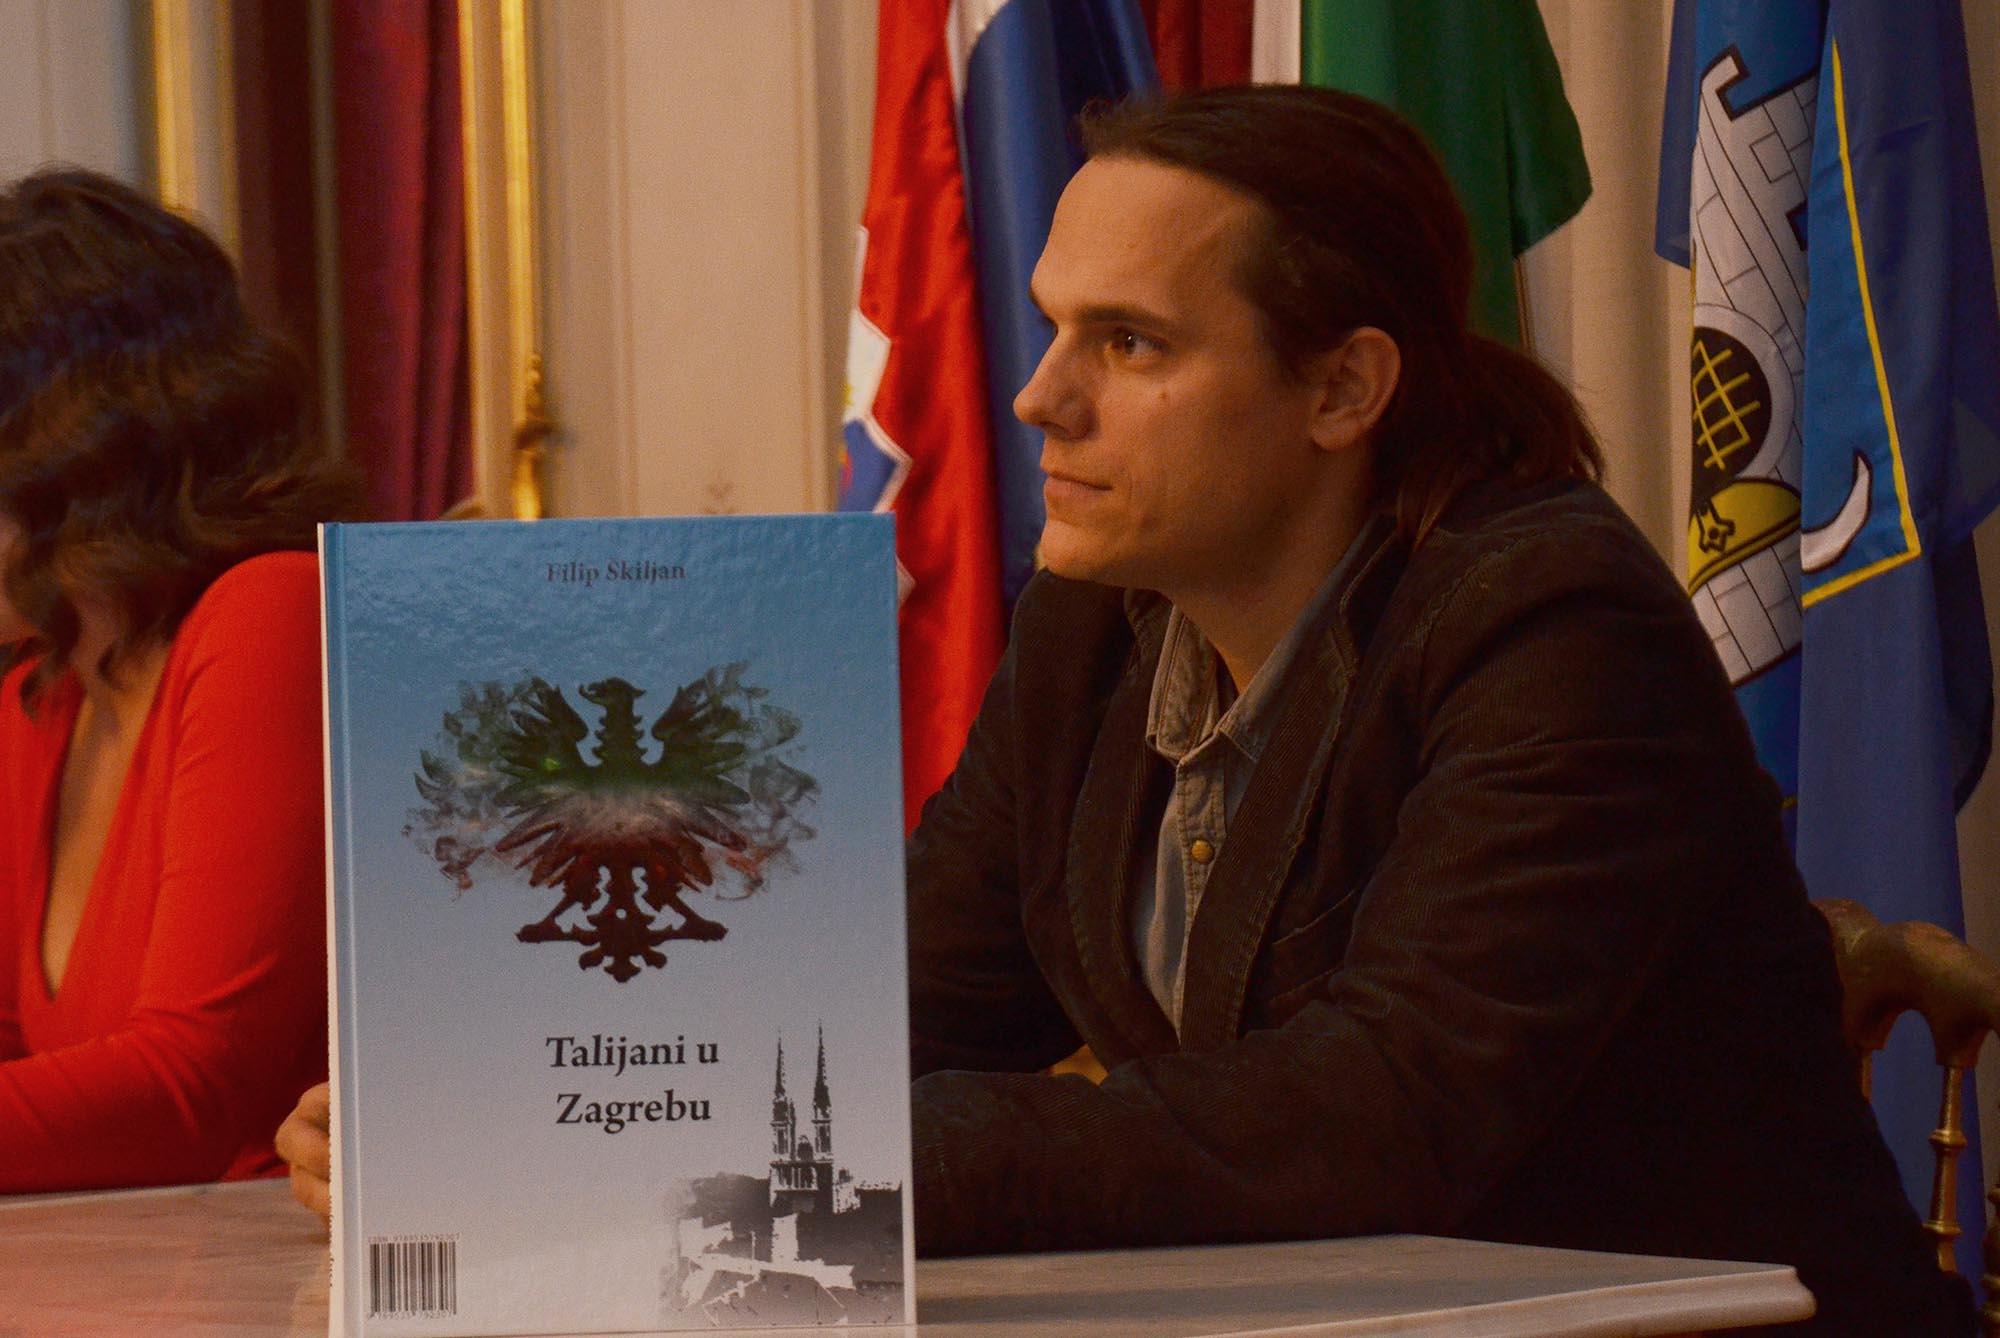 Promocija Knjige,- Talijani U Zagrebu (1)